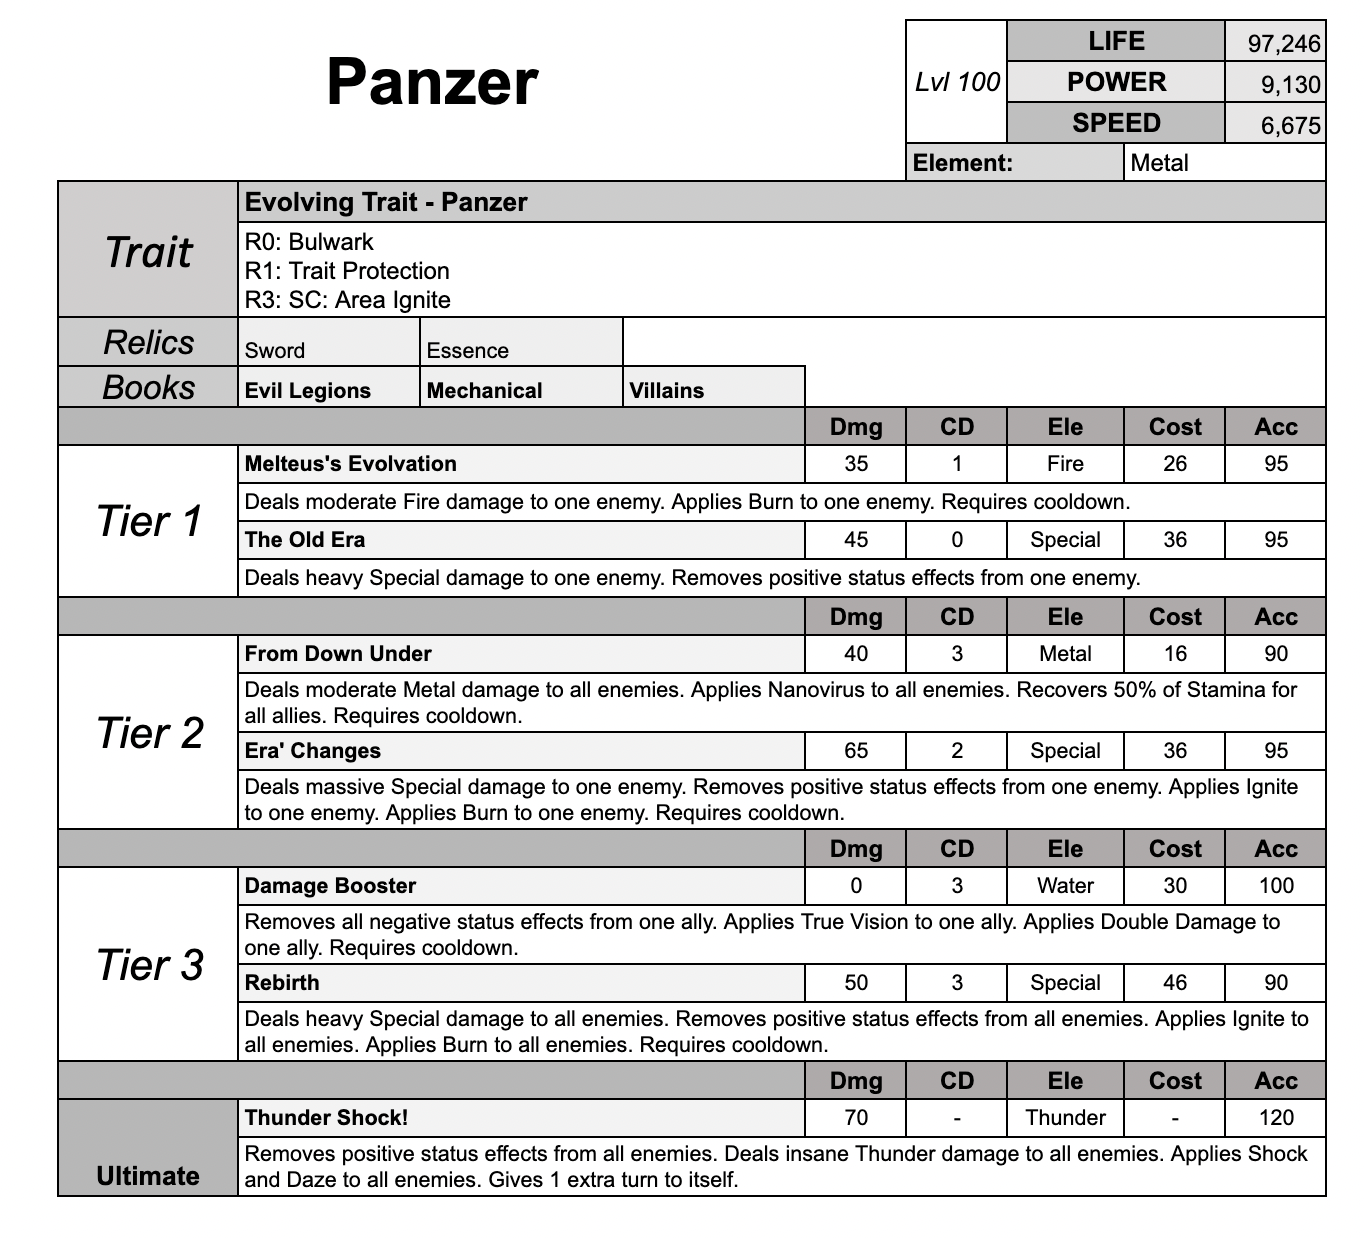 0_1626097664776_3. Panzer.png